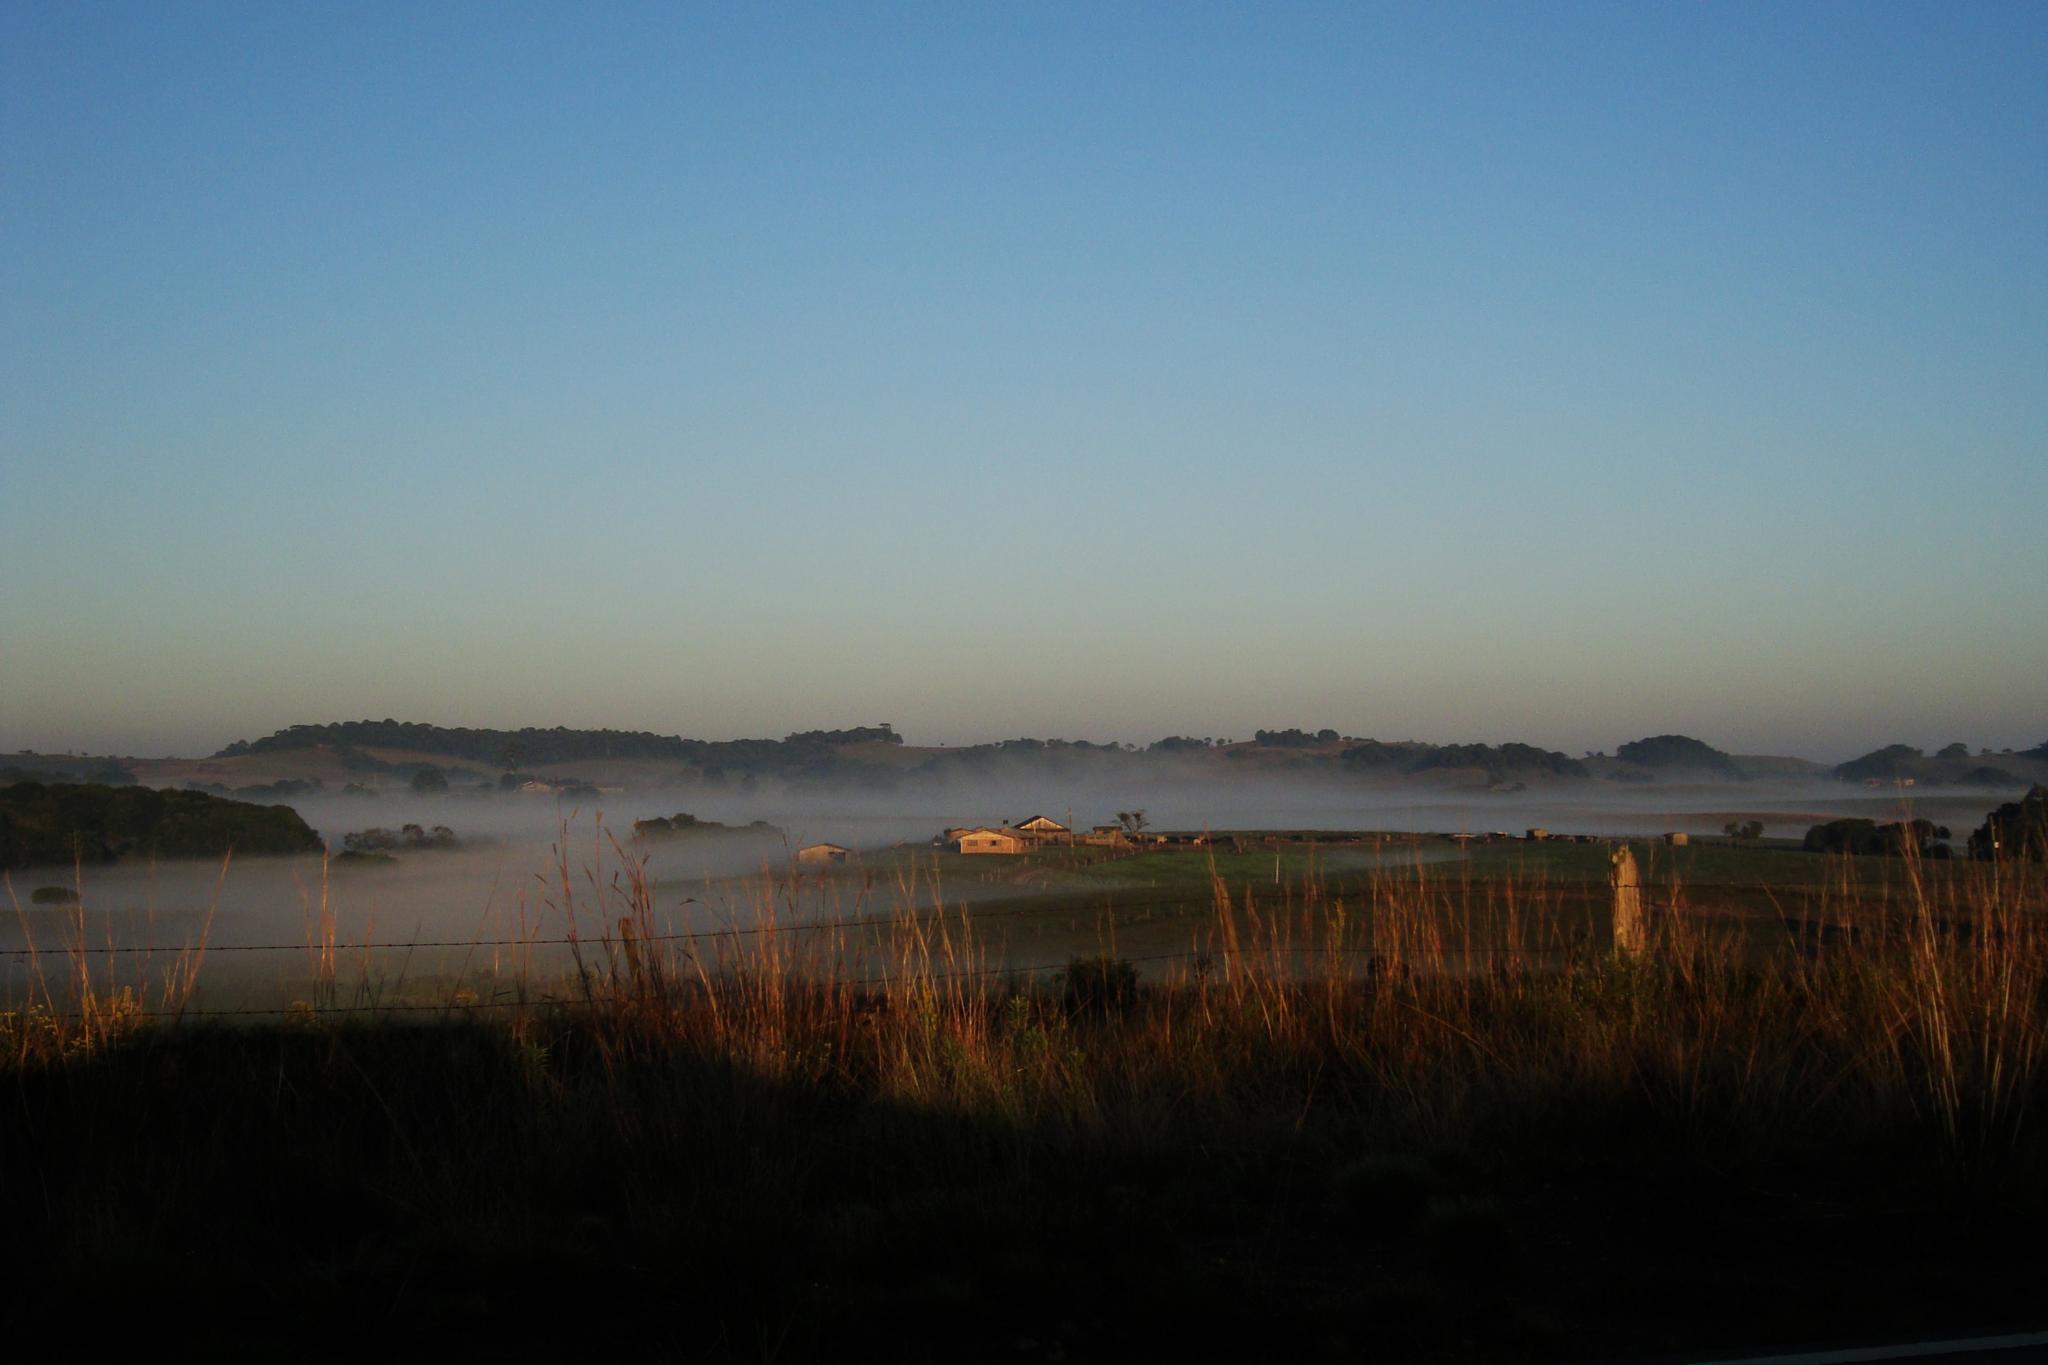 neblina no campo by Maciel Panisson